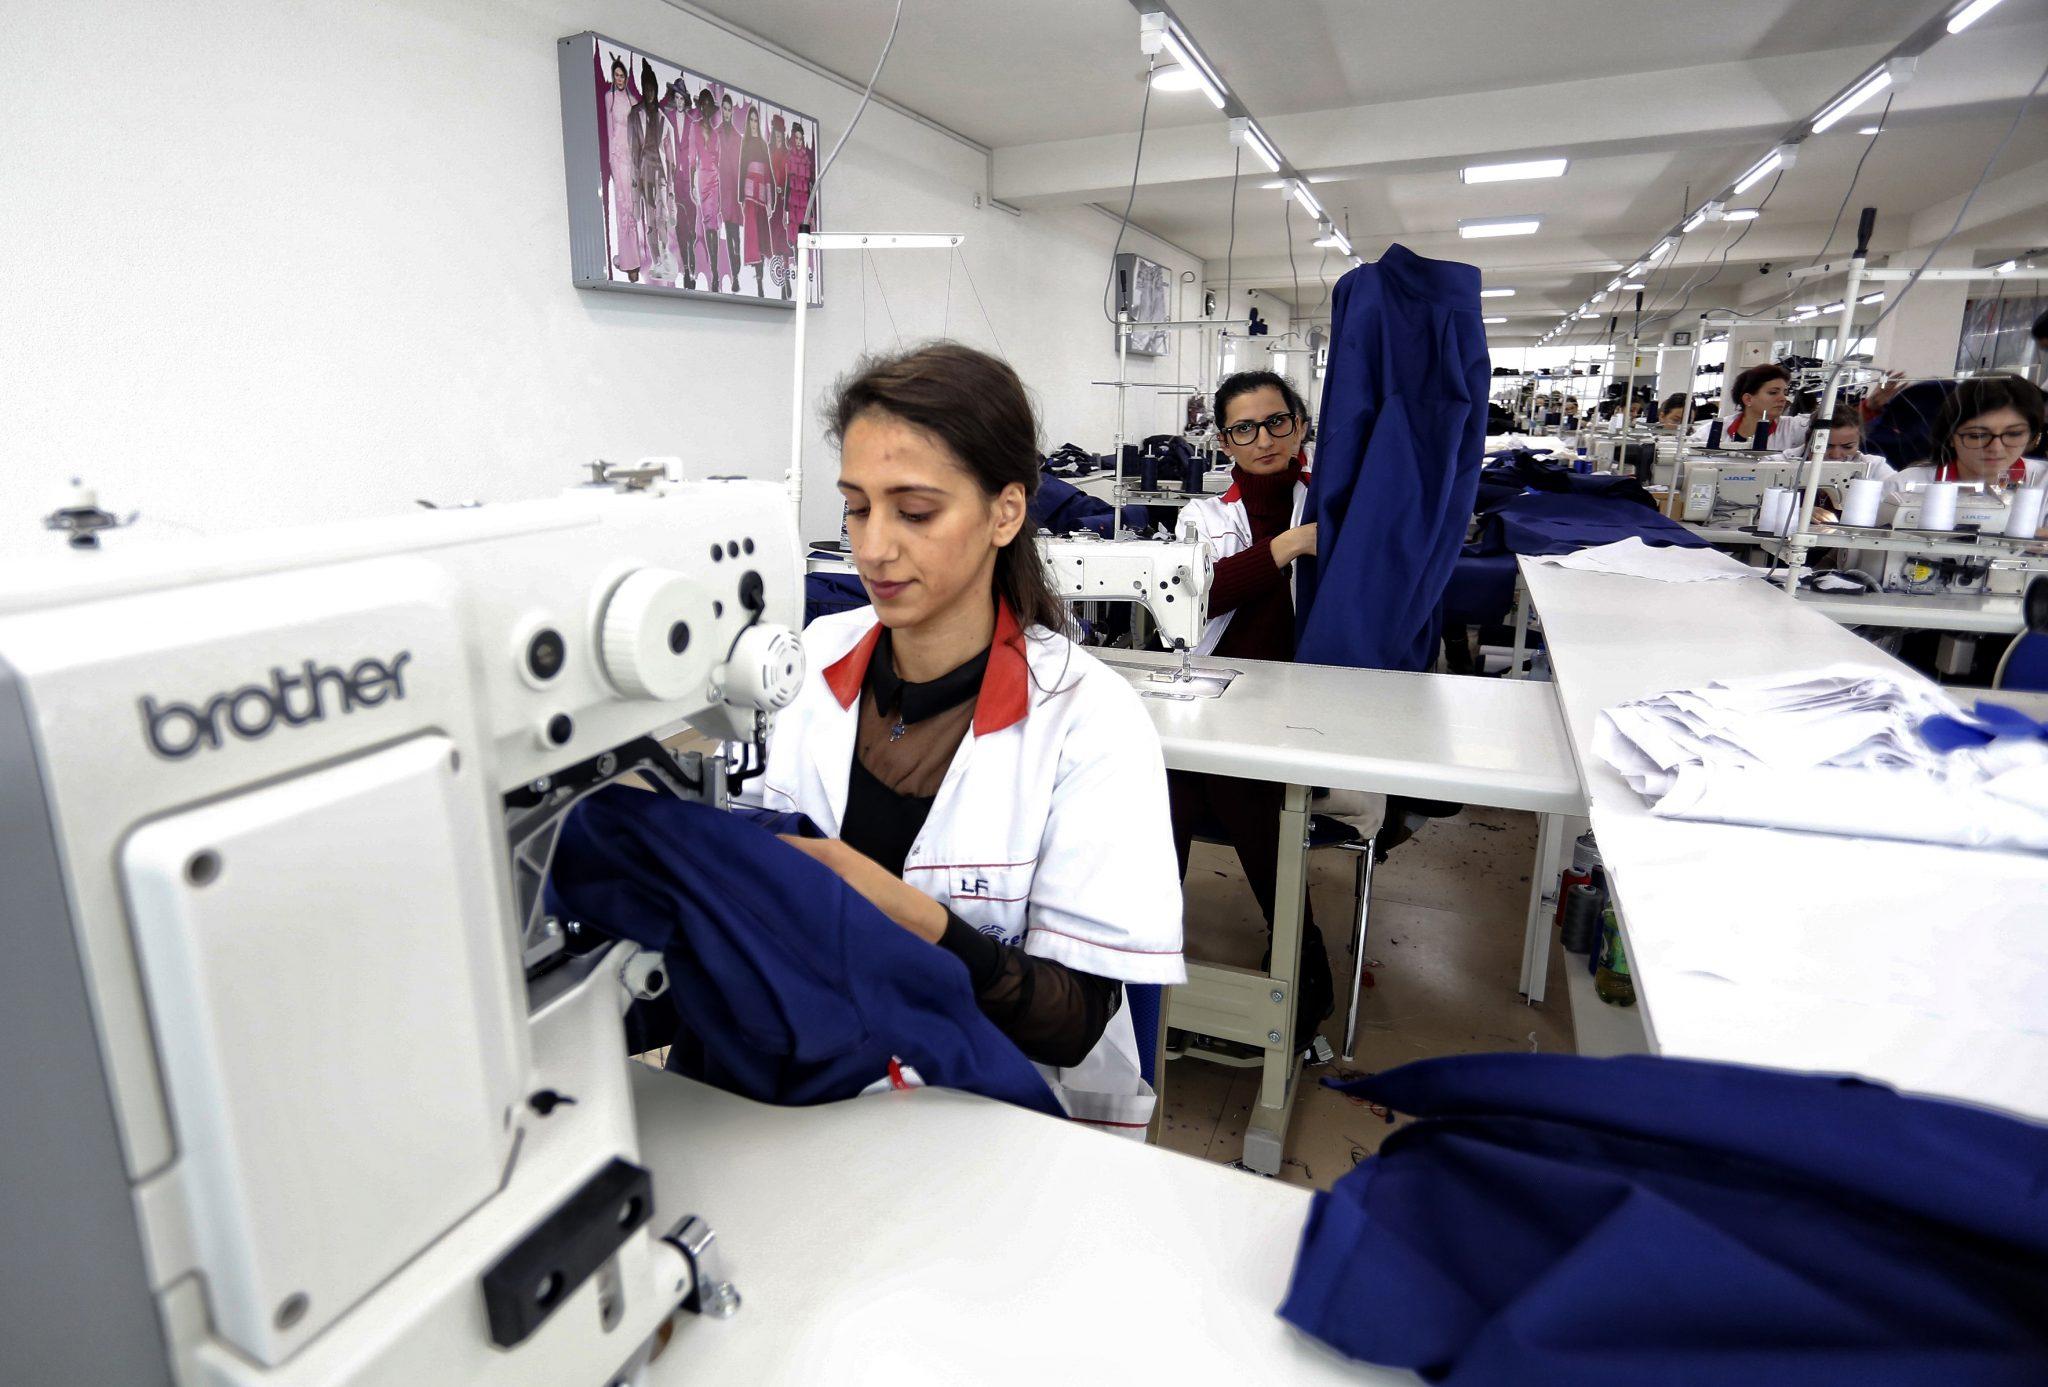 NRAEWOK kämpar för att öka utbildningsnivån bland kvinnor i minoritetsgrupper, så att de kan få jobb och försörja sig själva. Att organisationen gör skillnad är Lule ett bevis på. Idag har hon jobb som sömmerska. Foto: Driton Paqarada